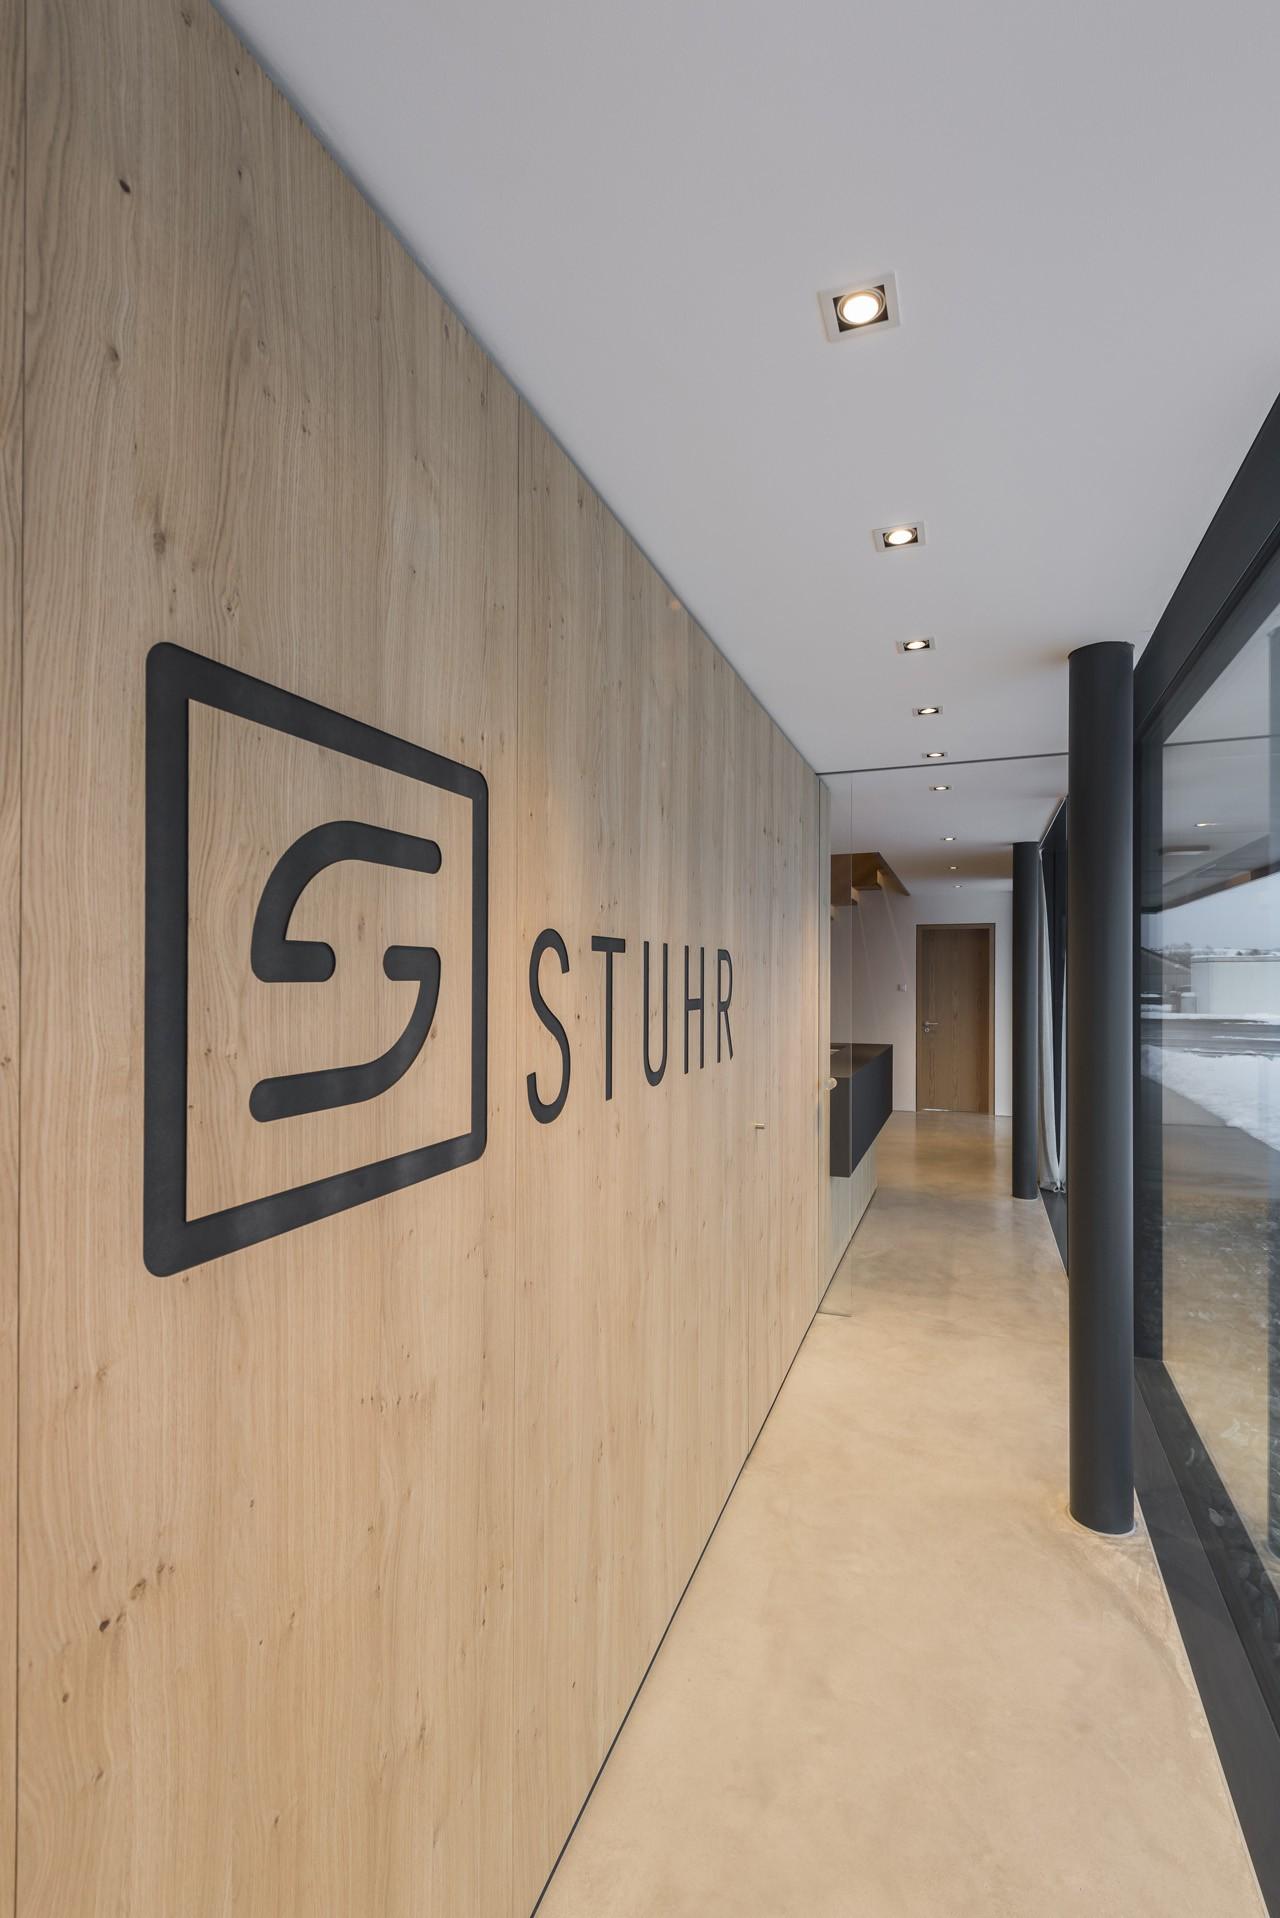 architektur-raum-Stuhr Schaltanlagenbau-7